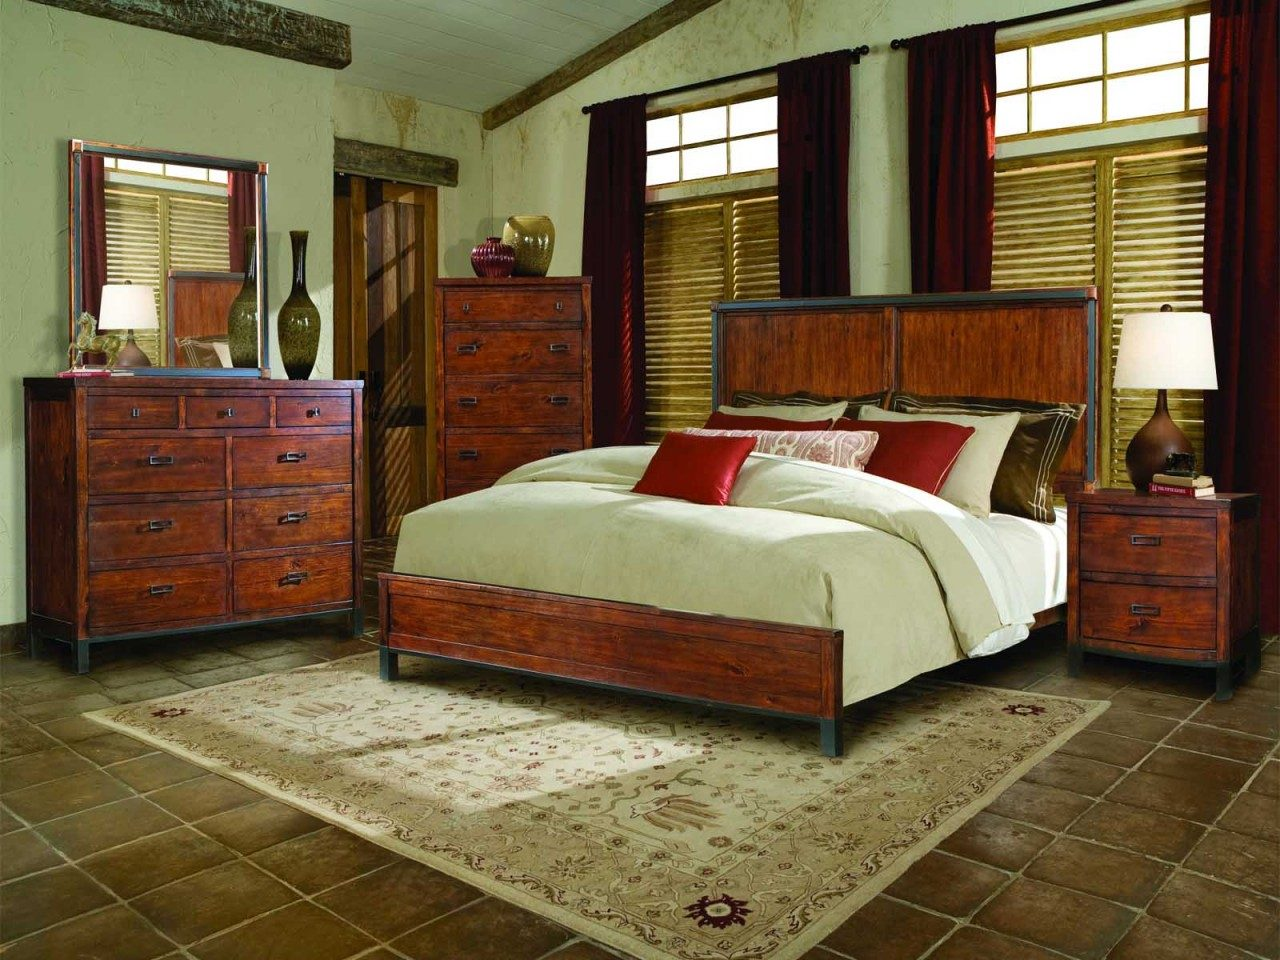 Fotos Muebles Rusticos Fabulous Muebles Rsticos Modulares De  # Muebles Rusticos Sogamoso